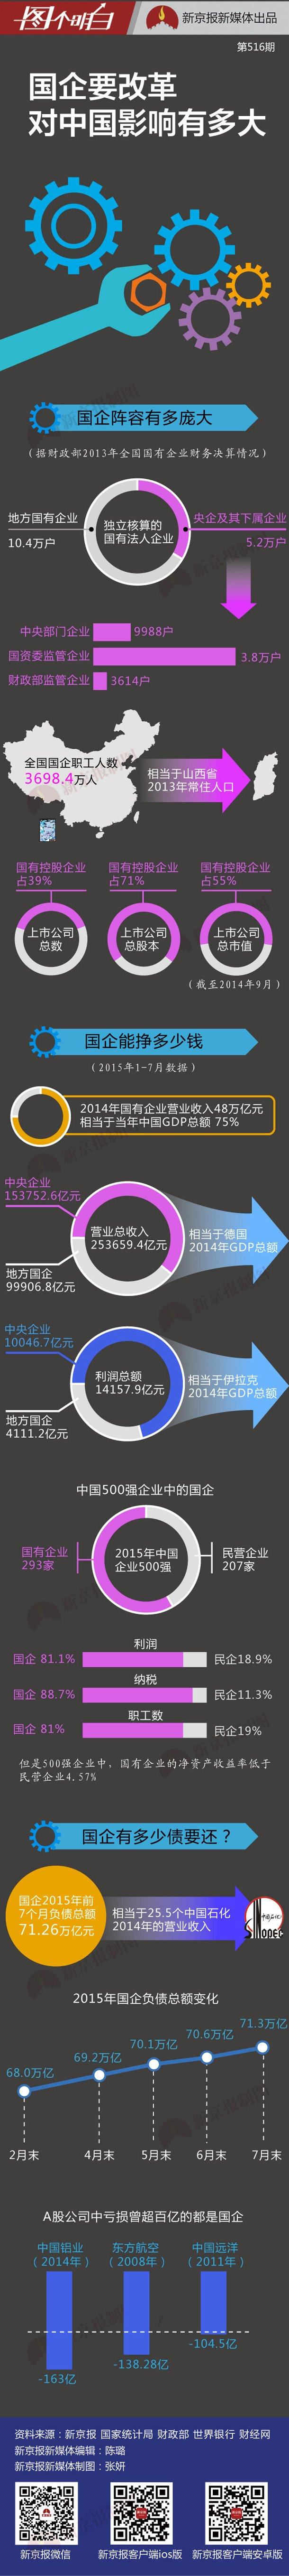 国企要改革 对中国影响有多大